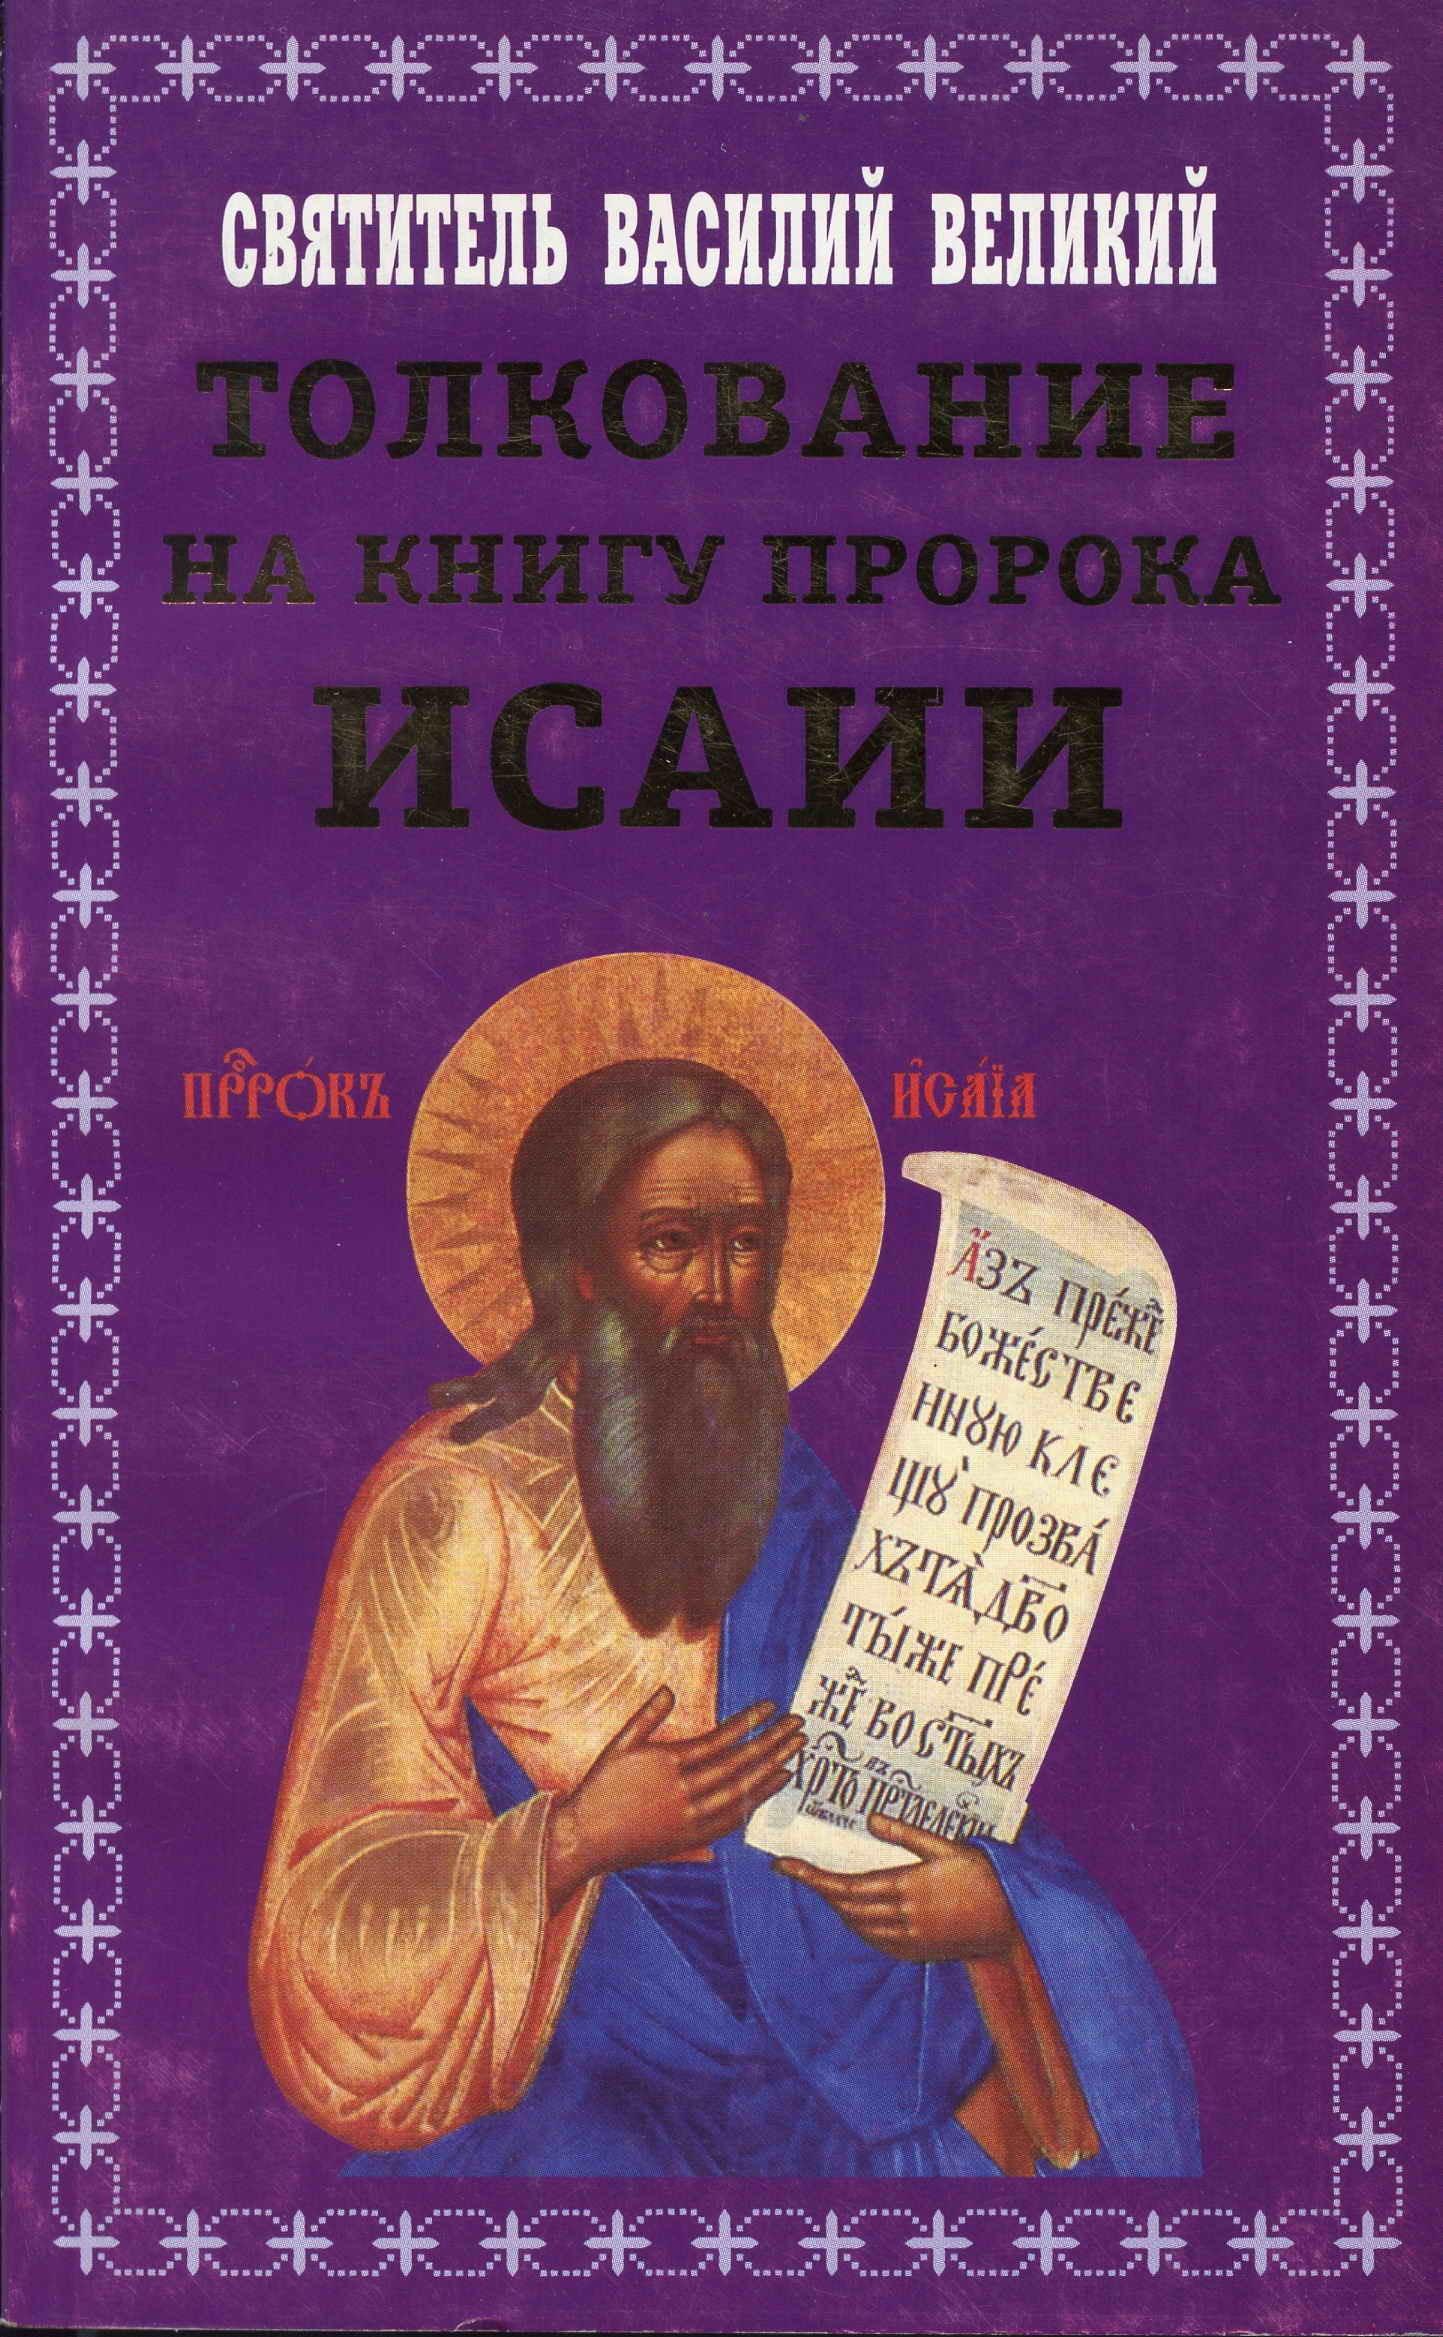 святитель Василий Великий - Толкование на книгу пророка Исаии